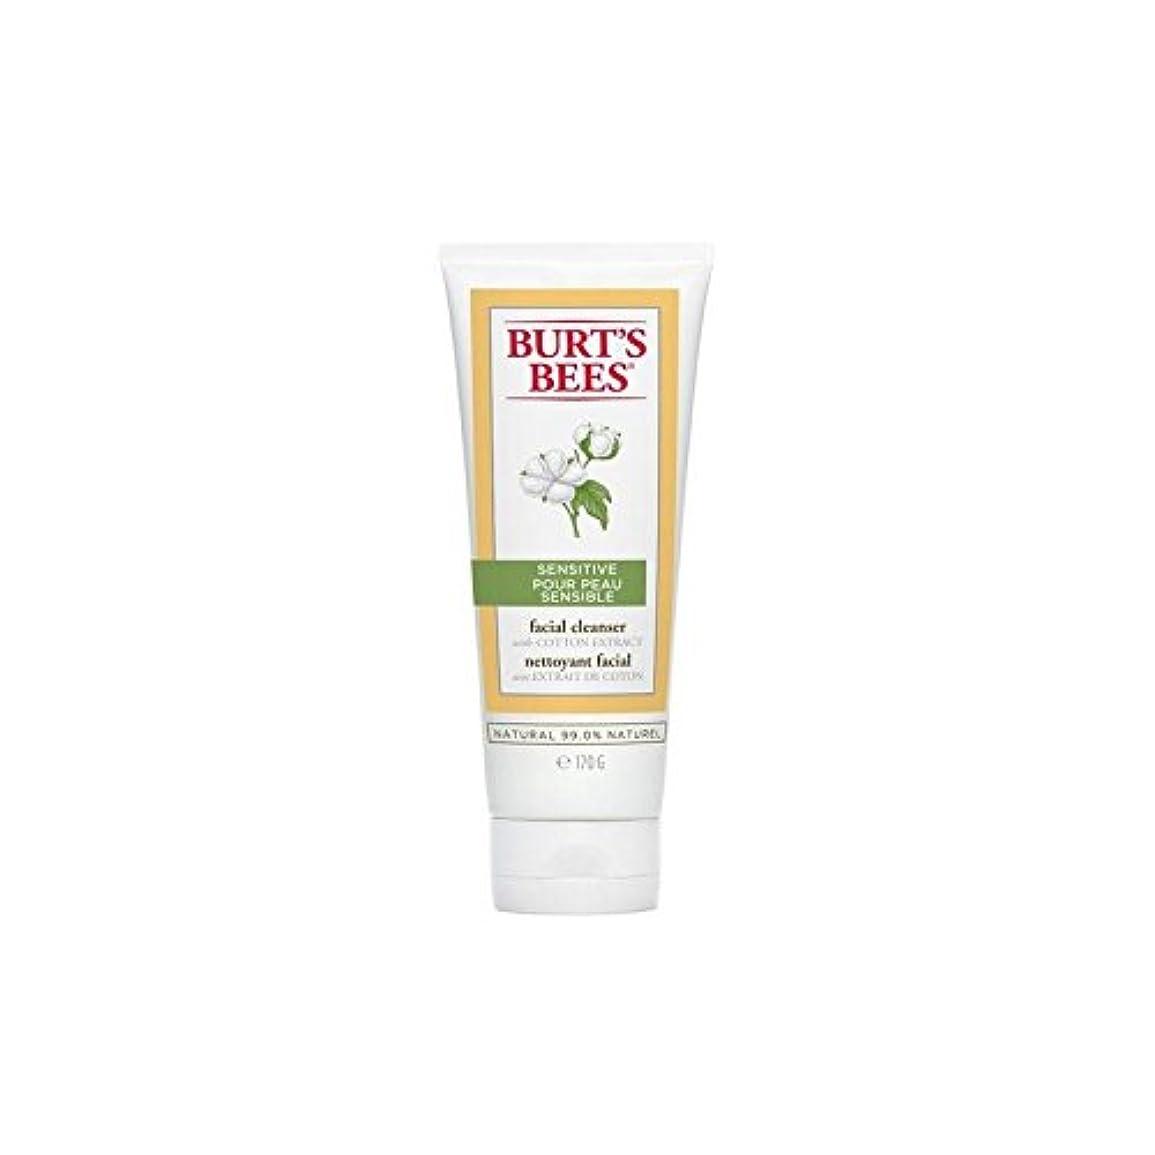 推進、動かす気性復活バーツビー敏感な洗顔料の170グラム x2 - Burt's Bees Sensitive Facial Cleanser 170G (Pack of 2) [並行輸入品]